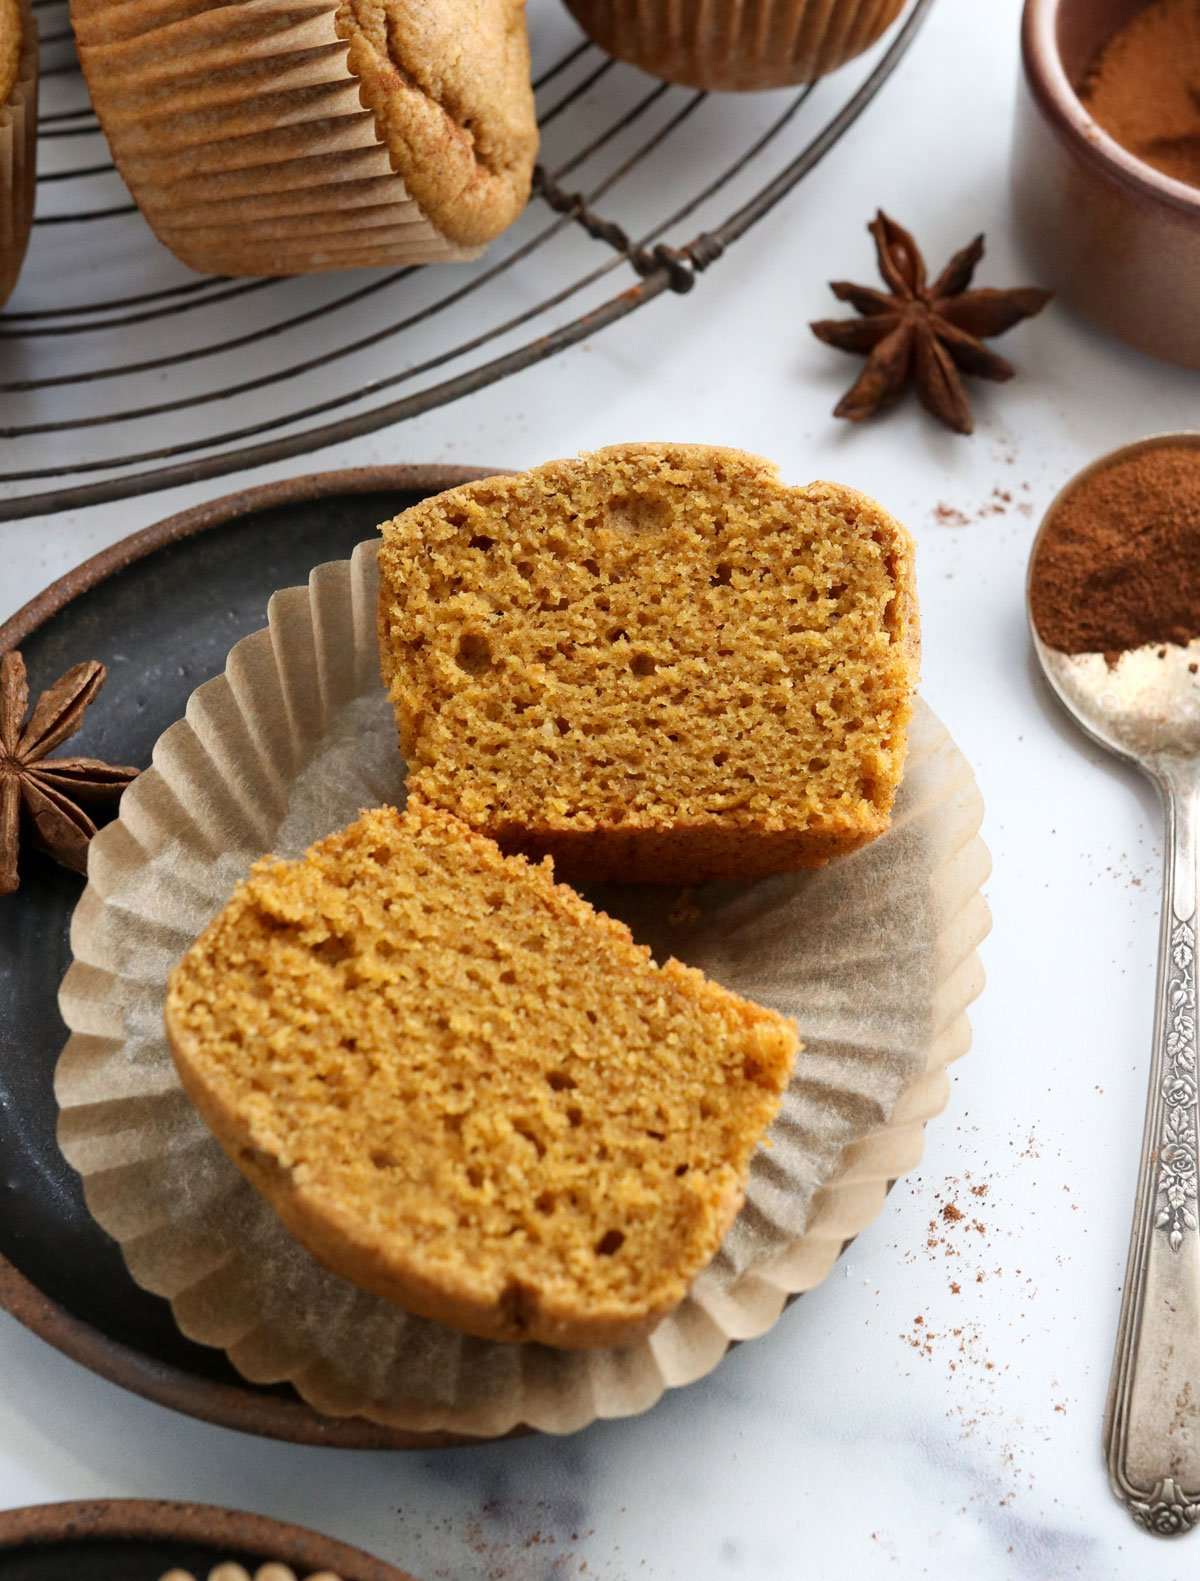 vegan pumpkin muffin cut in half on plate